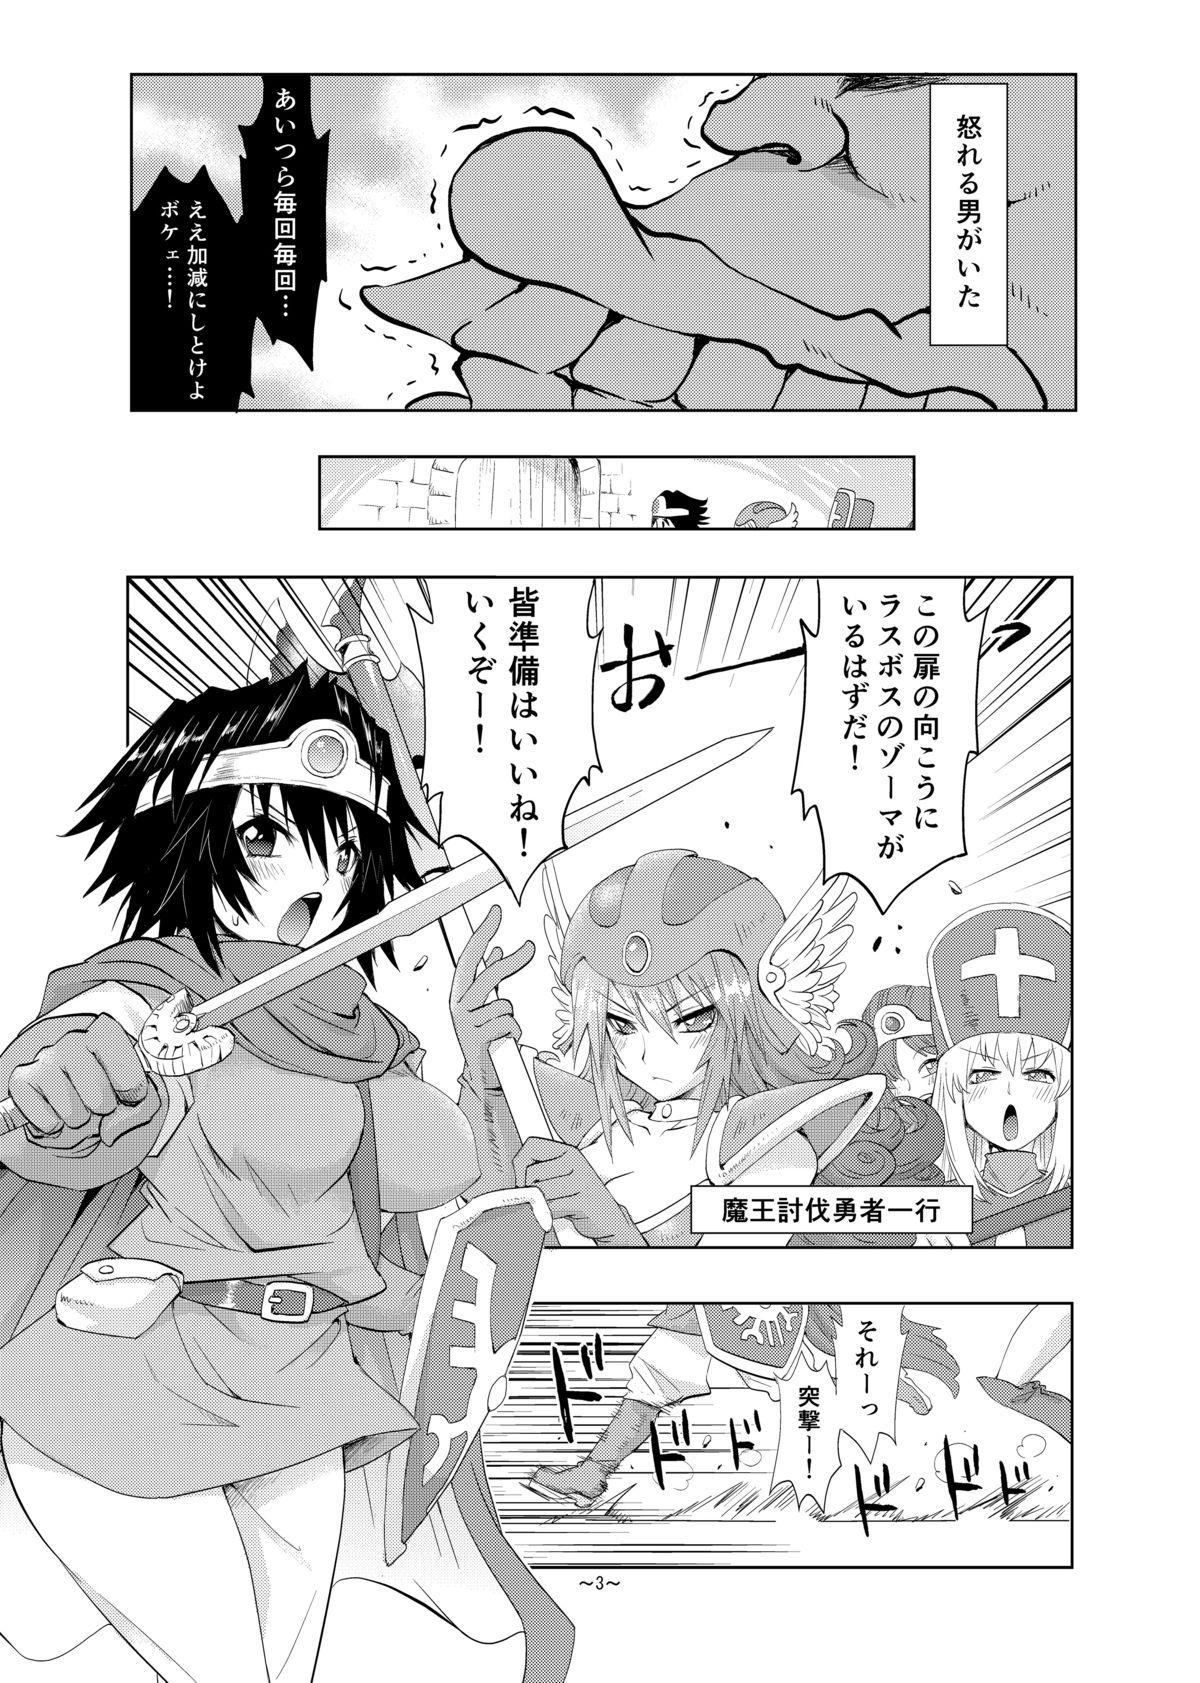 Zettai ni Zenmetsushite wa Ikenai DraQue 3